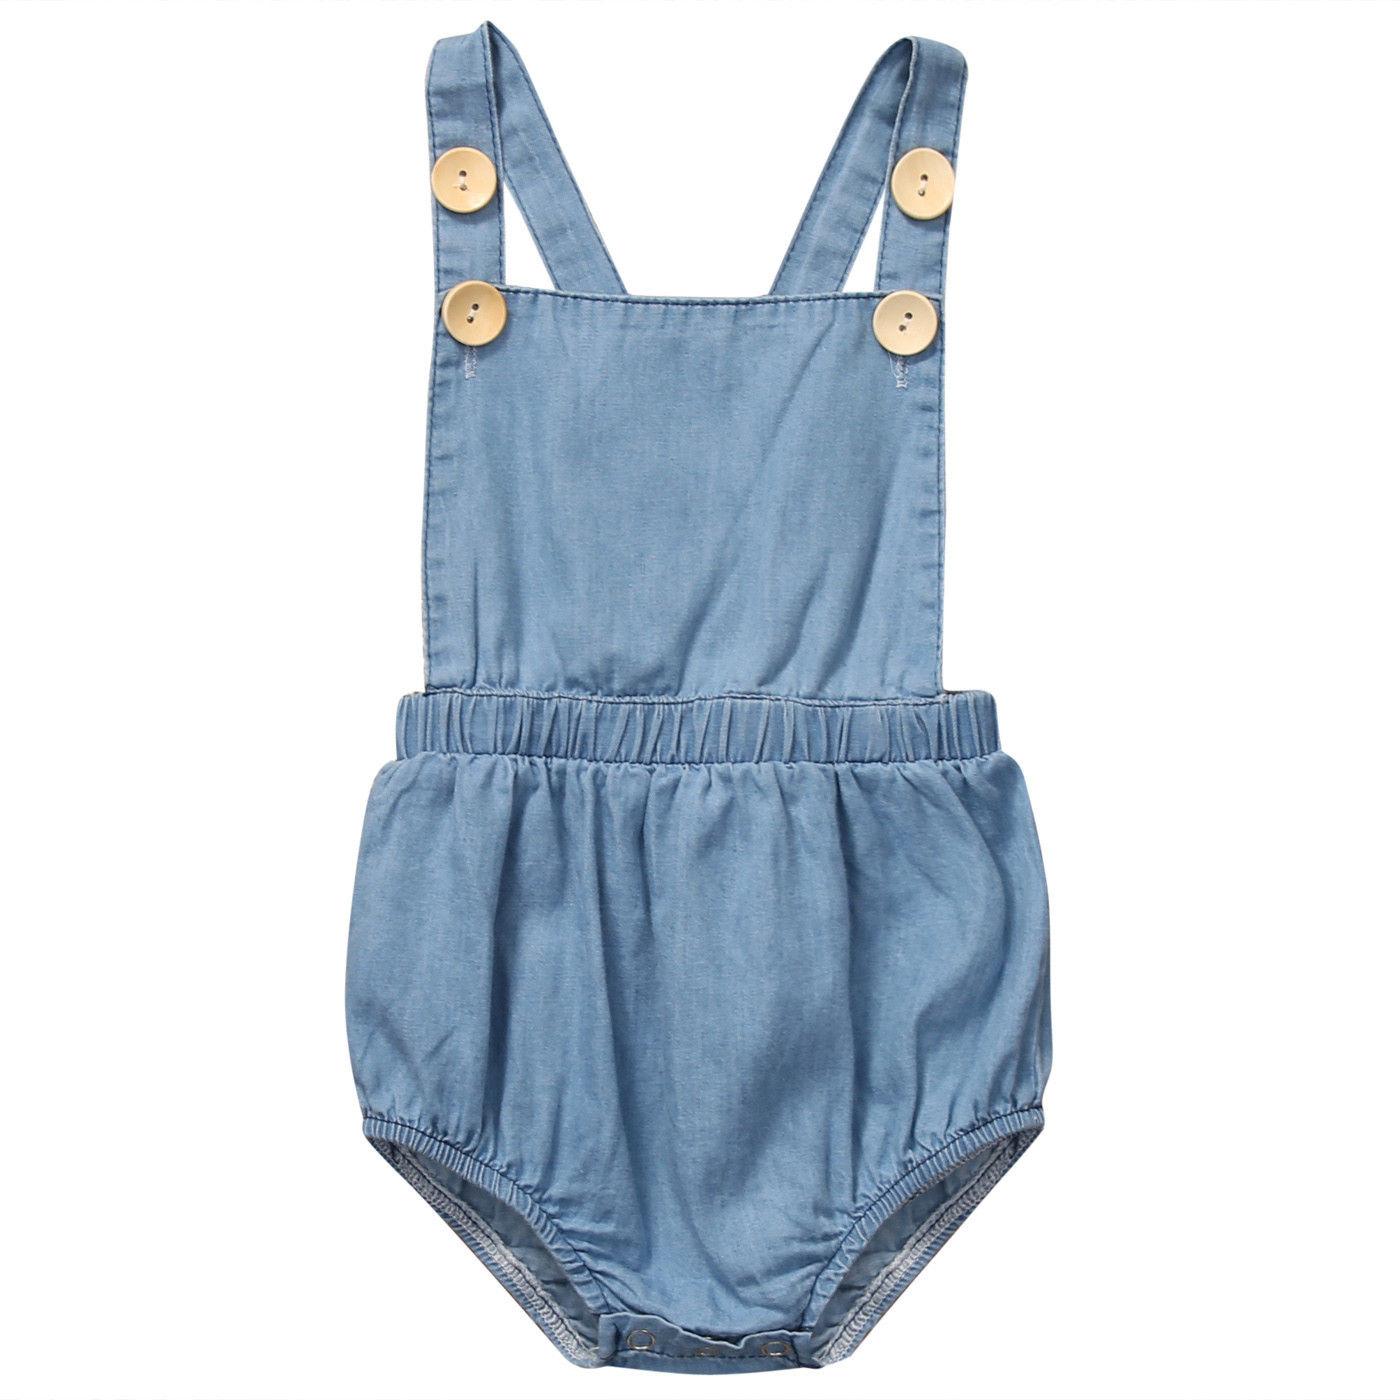 2017 बेबी Rompers ग्रीष्मकालीन बेबी लड़कियों के कपड़े प्यारा नवजात शिशु कपड़े बच्चा बच्चा लड़की कपड़े डेनिम शिशु Jumpsuits सेट करता है